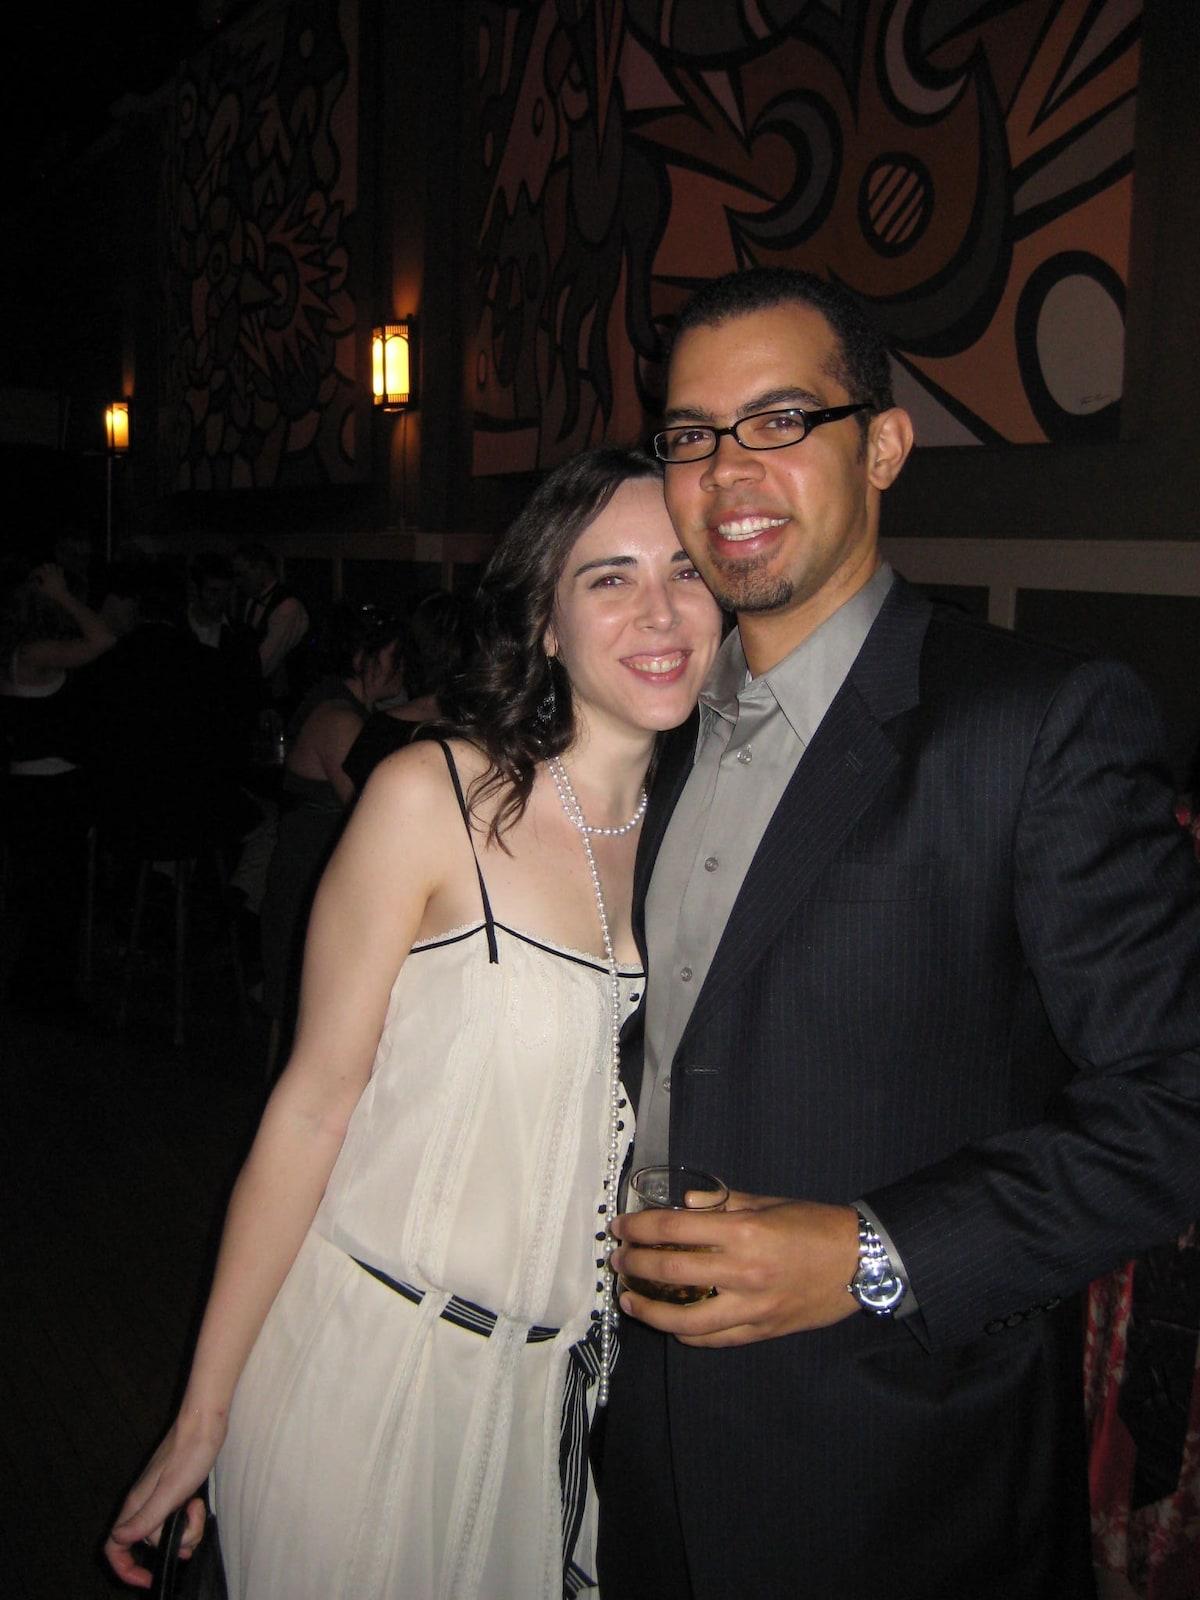 Devin & Michelle